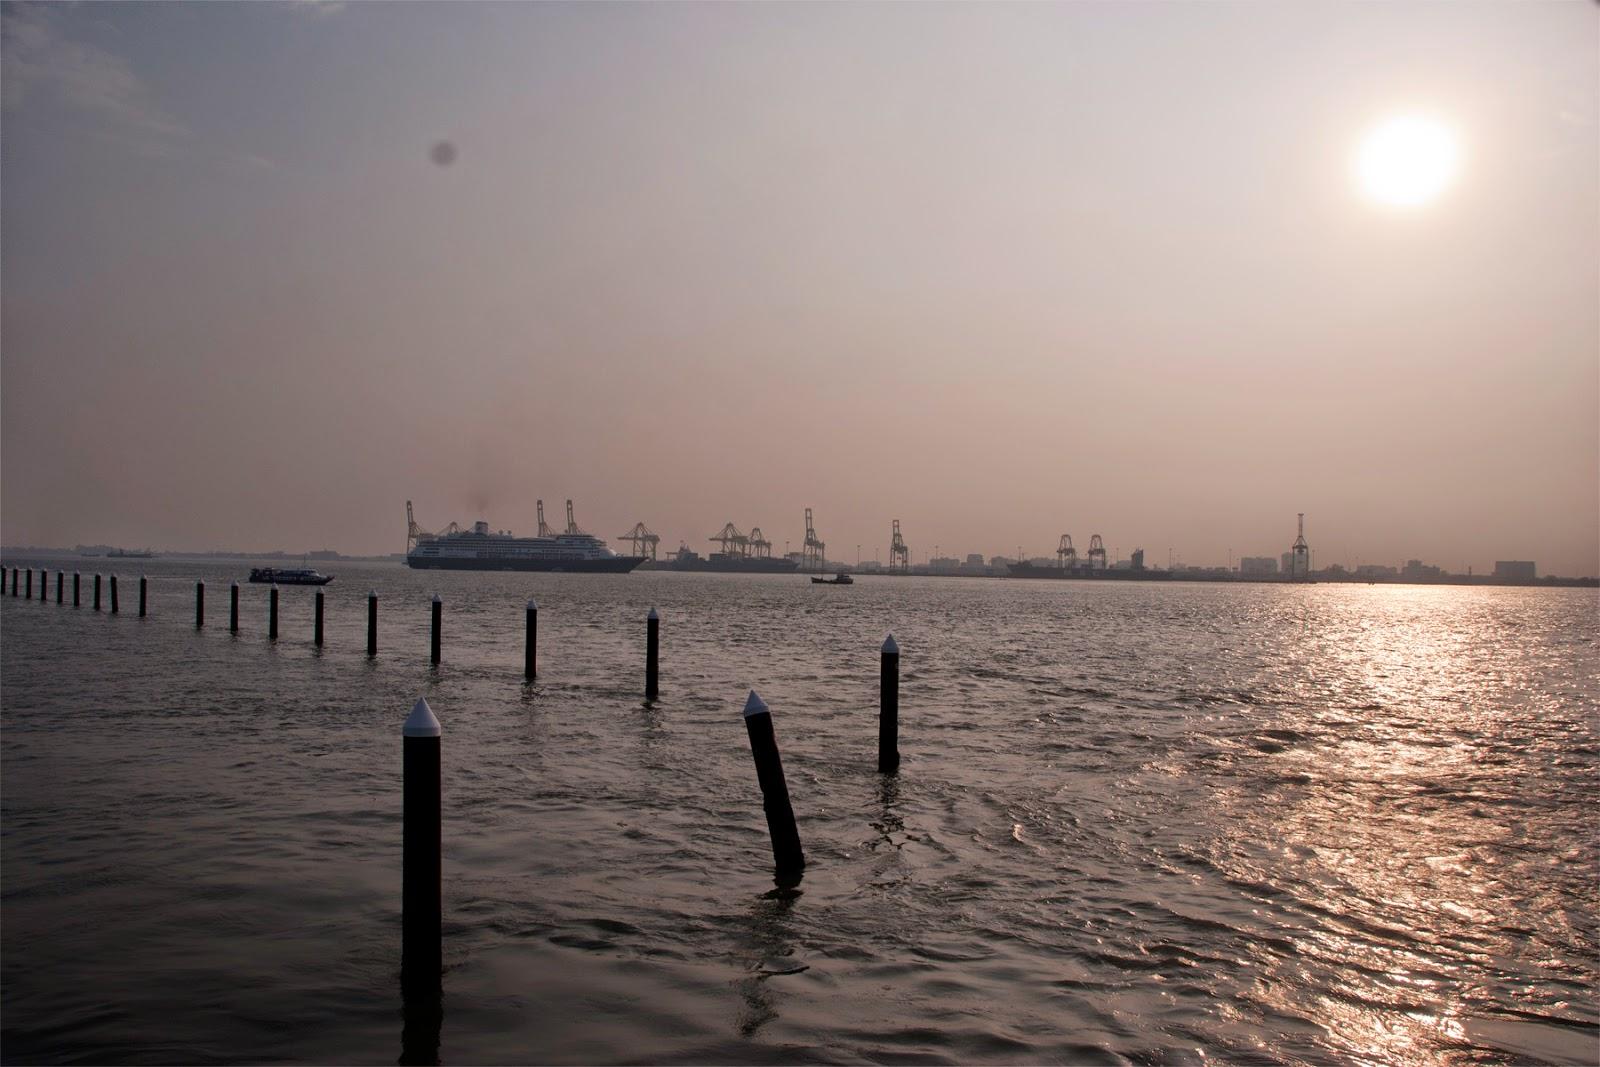 Penang port, ferry, penang, gambar cantik, arzmoha, kapal, lautan